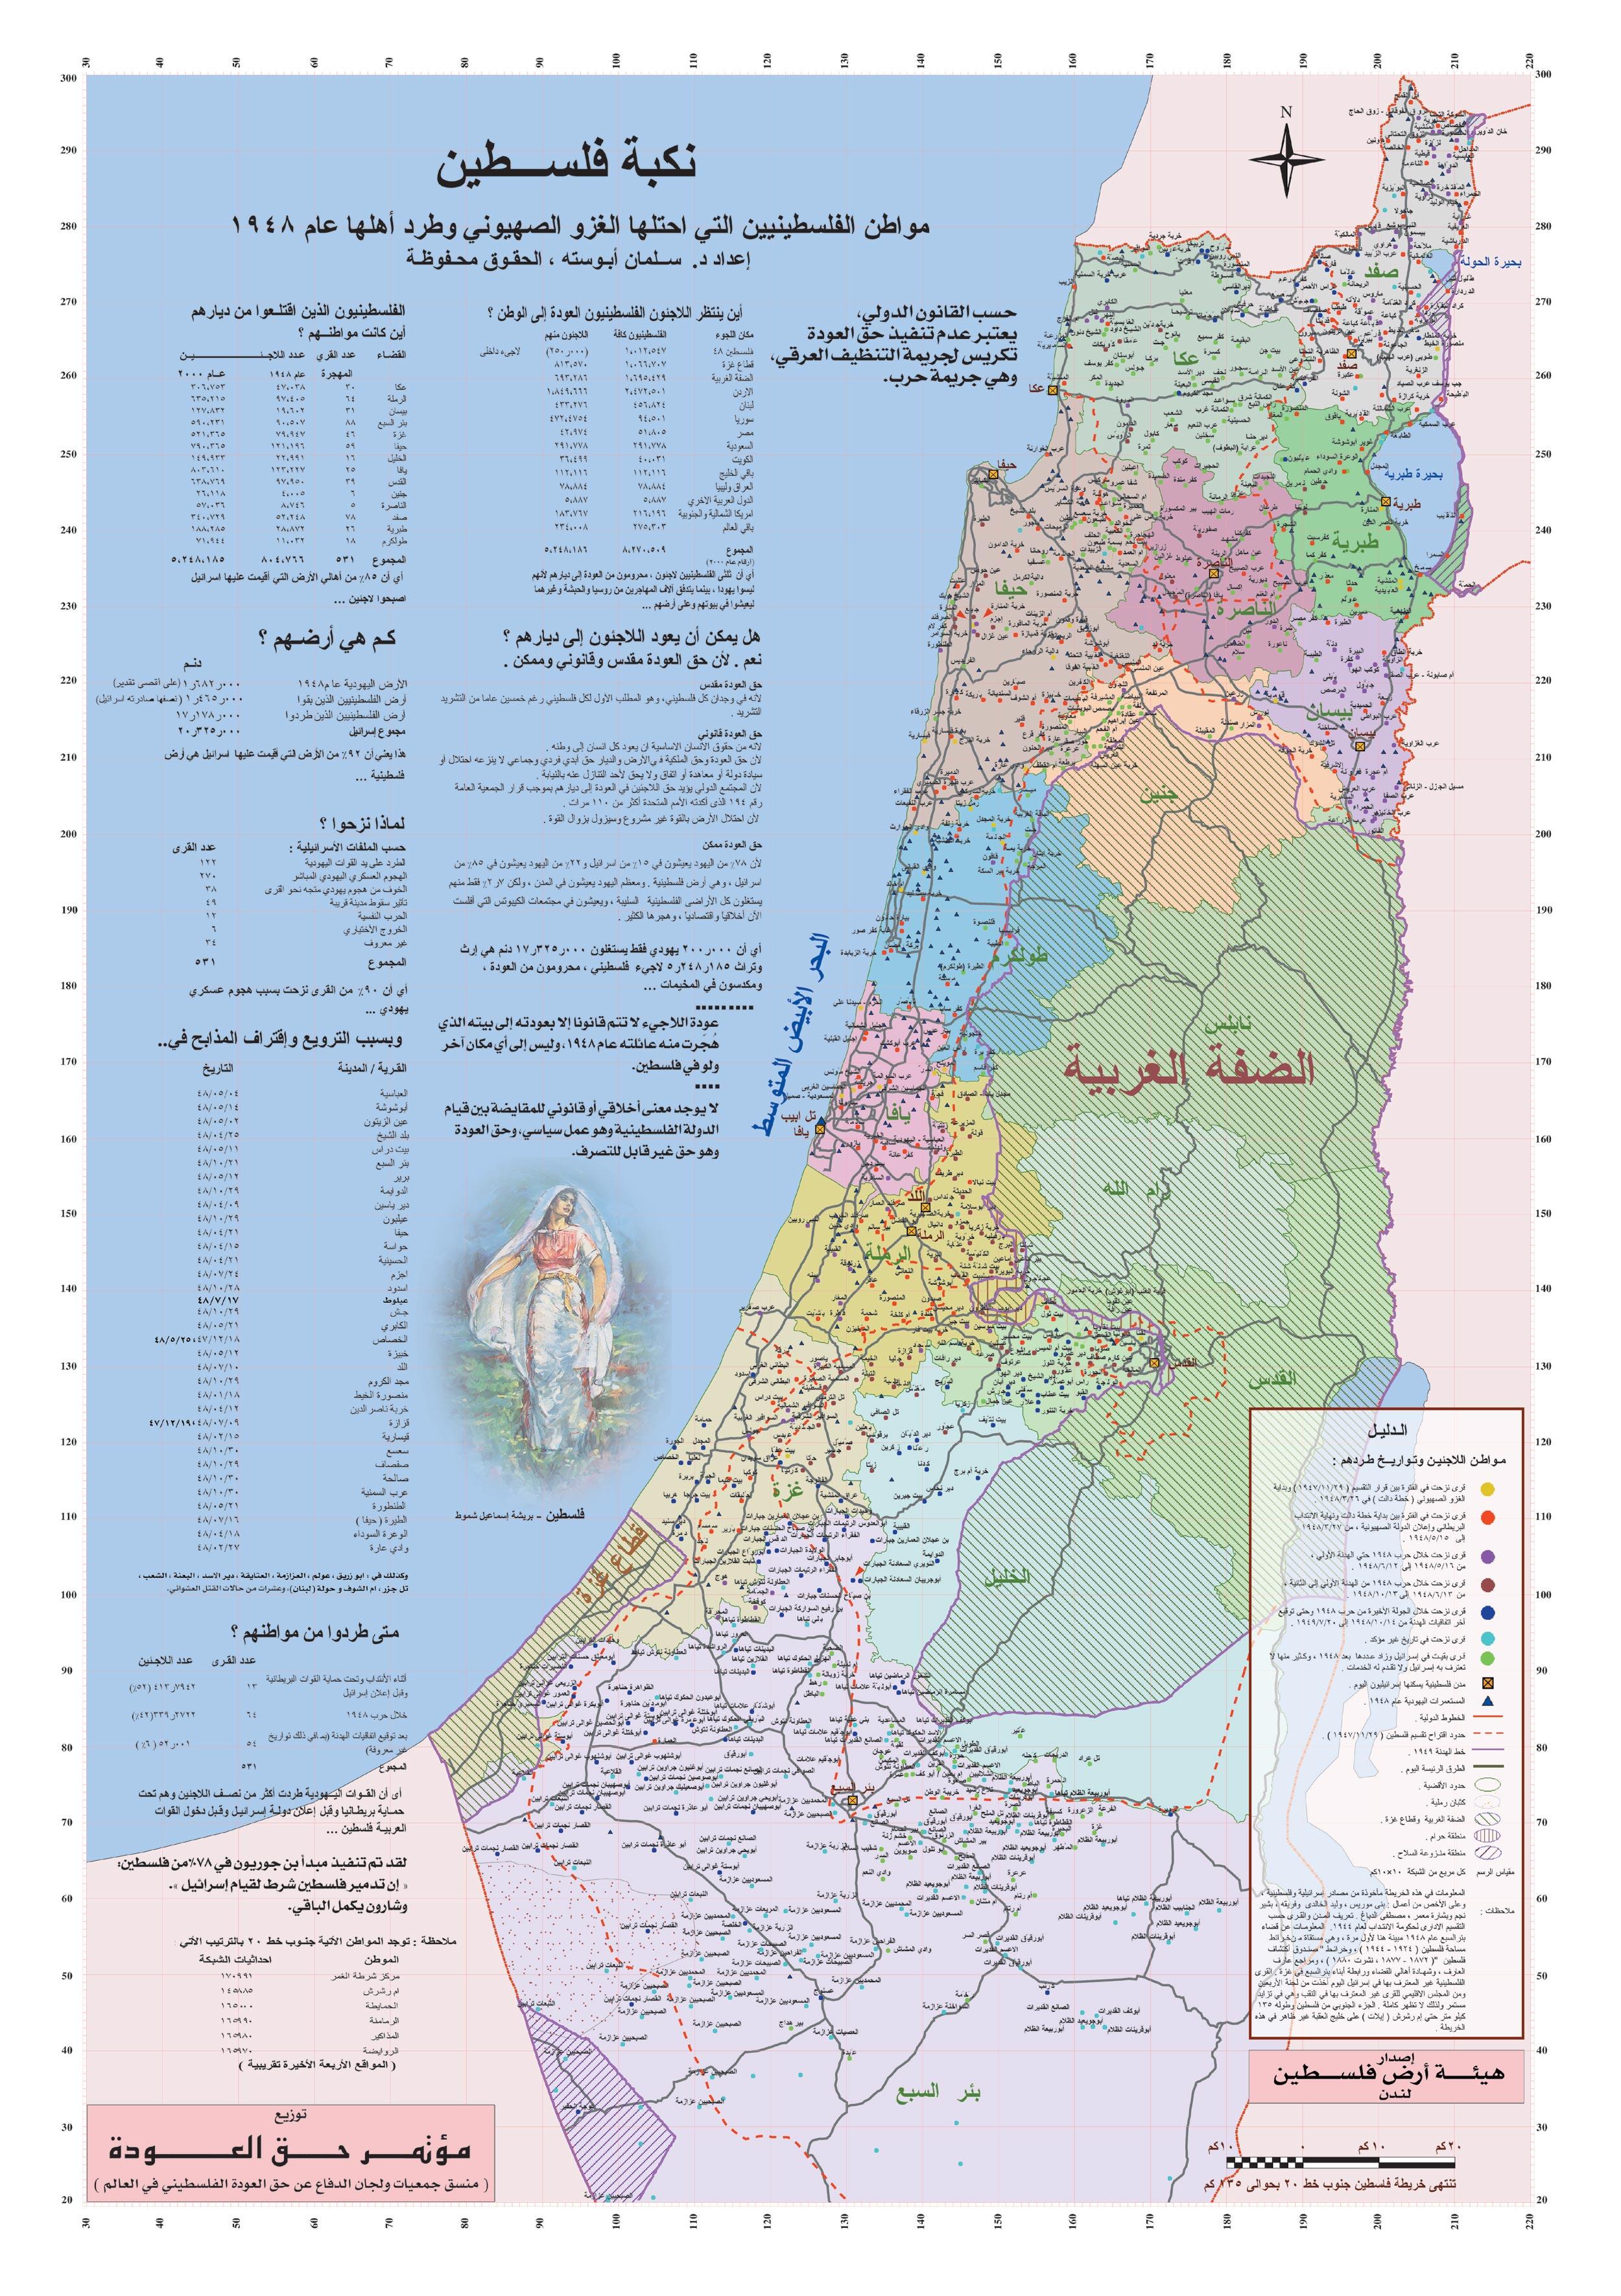 خريطة فلسطين